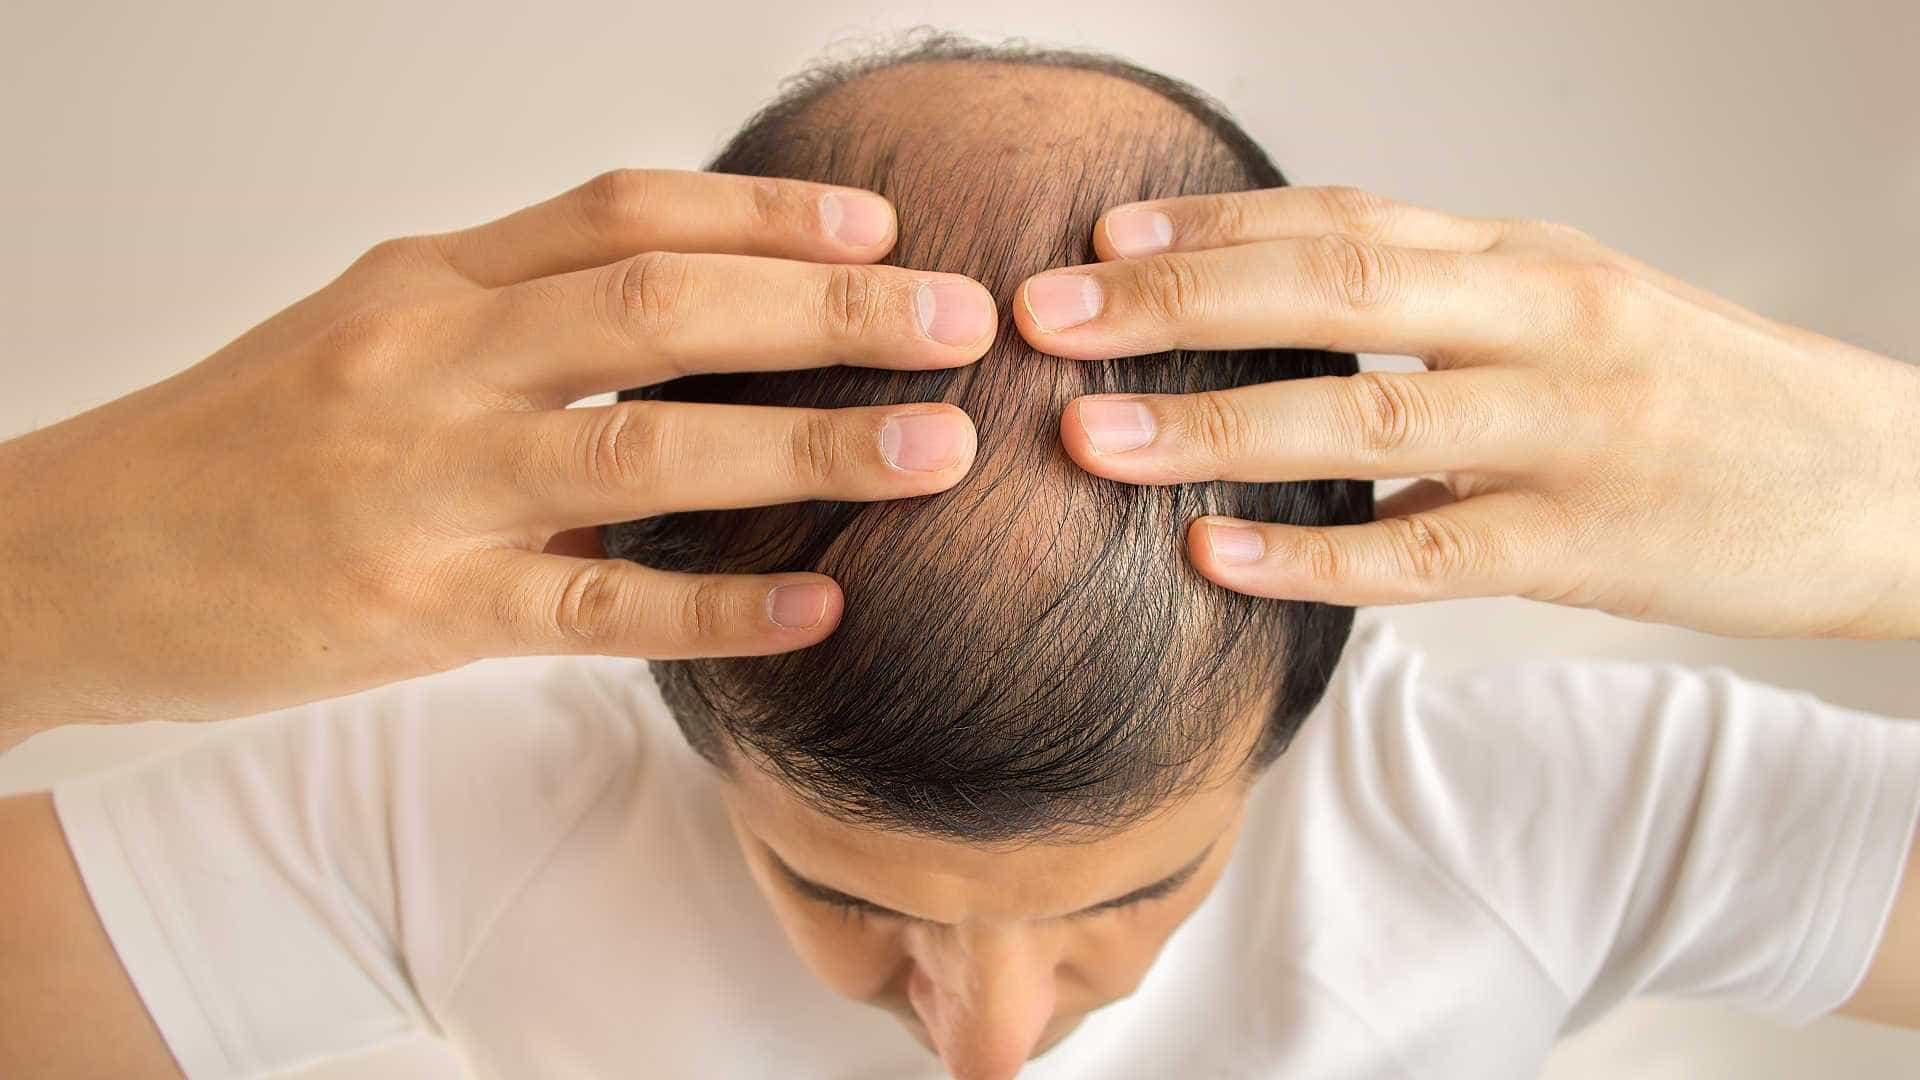 massagem para crescimento do cabelo masculino